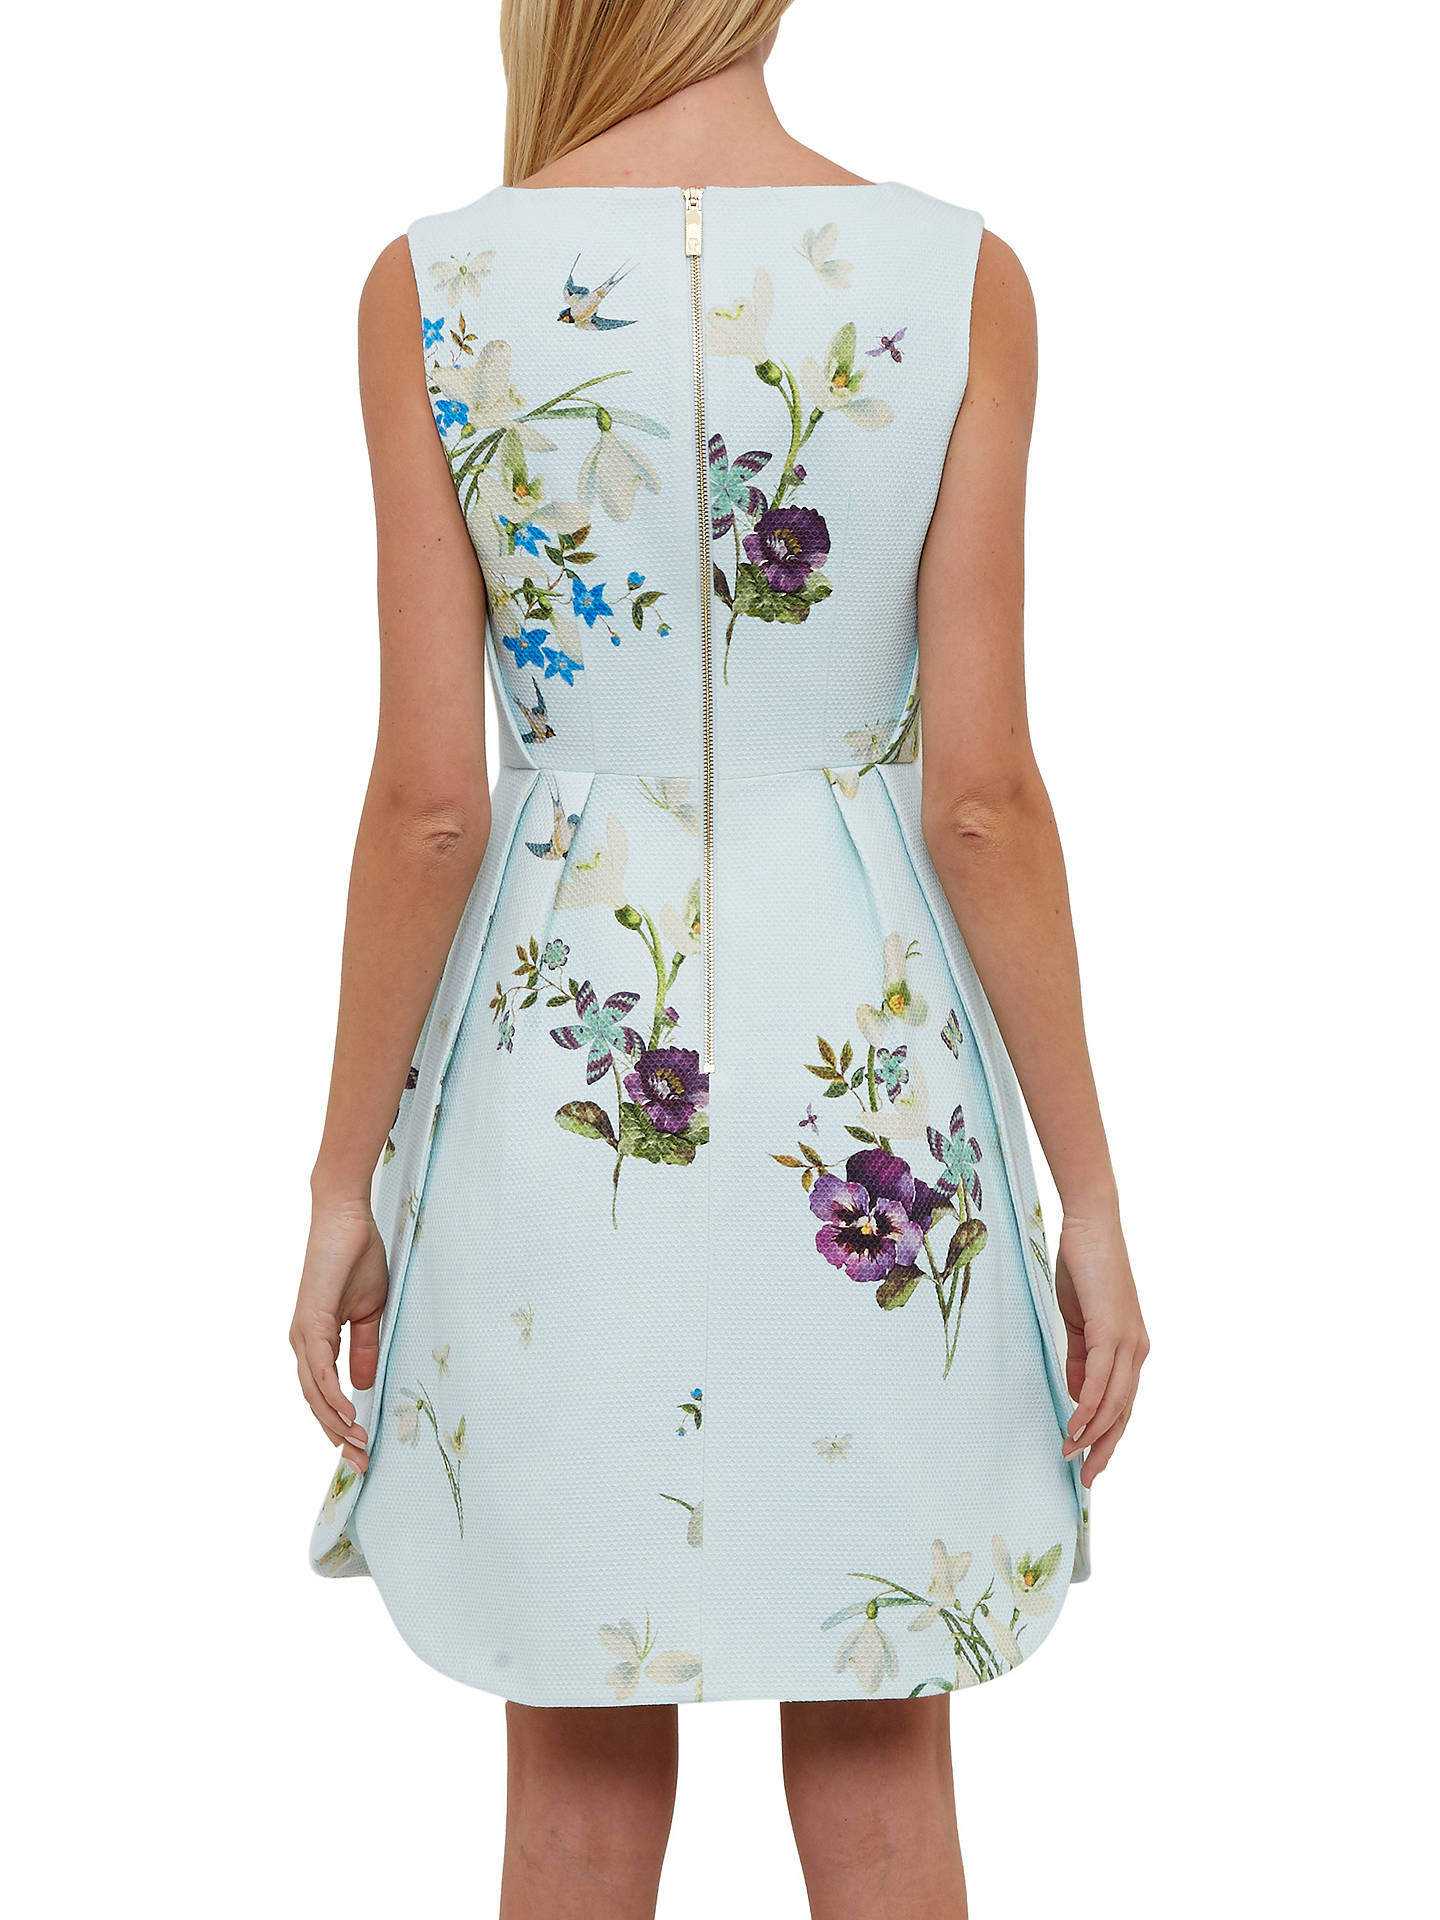 d19bf5e67d5 ... Buy Ted Baker Spring Meadow Woven Skater Dress